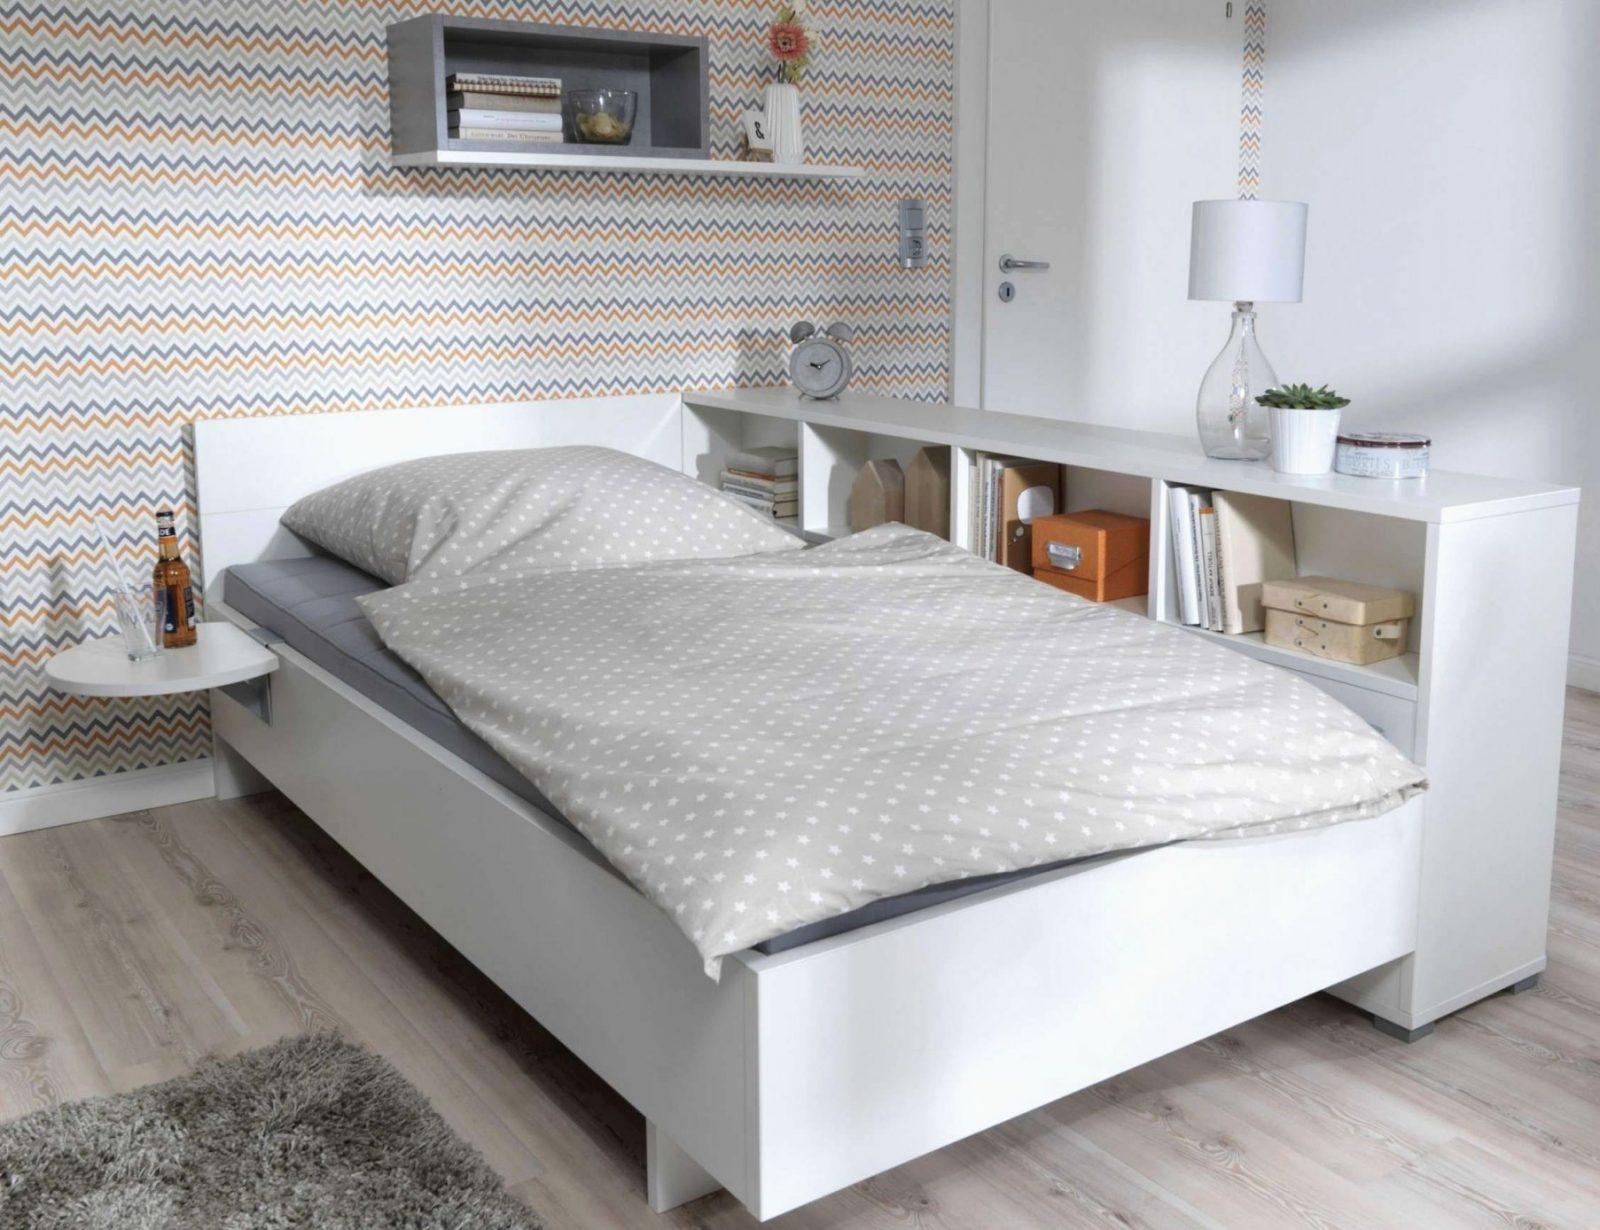 17 Einfache Indirekte Beleuchtung Decke Selber Bauen  Lotus von Indirekte Beleuchtung Schlafzimmer Selber Bauen Bild